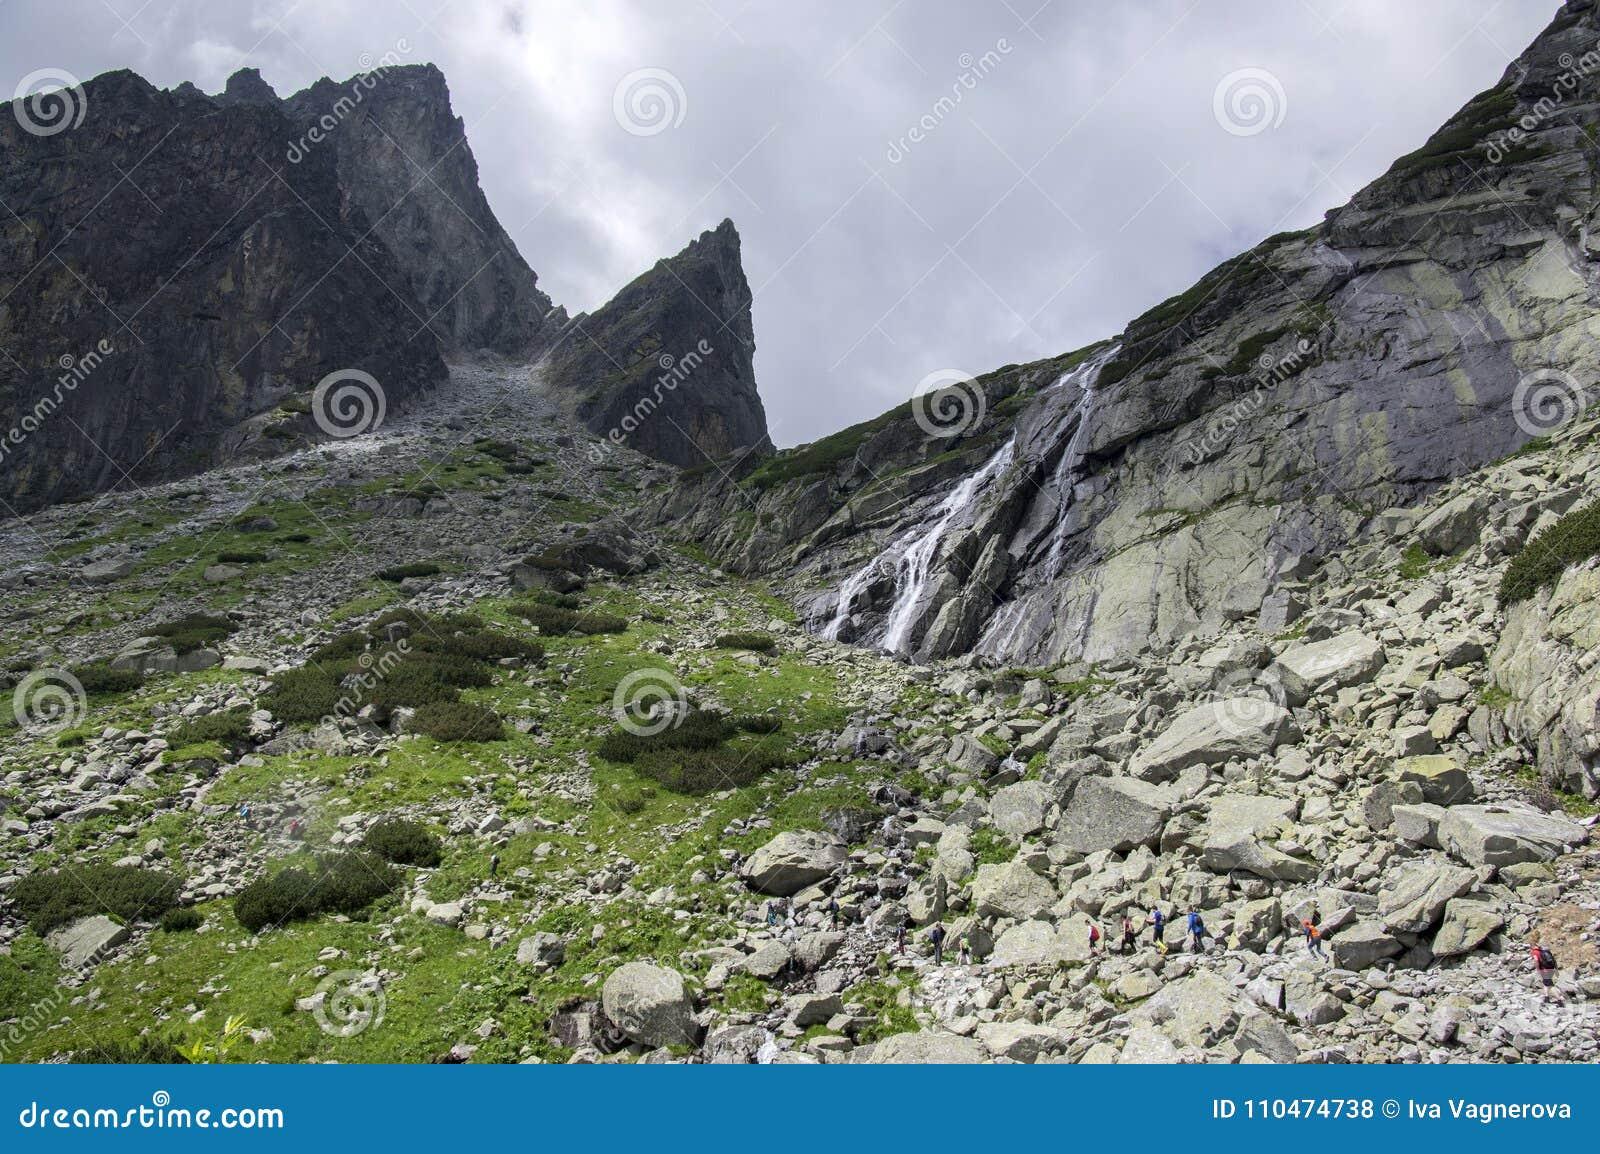 Mala studena dolina wycieczkuje ślad w Wysokim Tatras, lato turystyczny sezon, dzika natura, turystyczny ślad